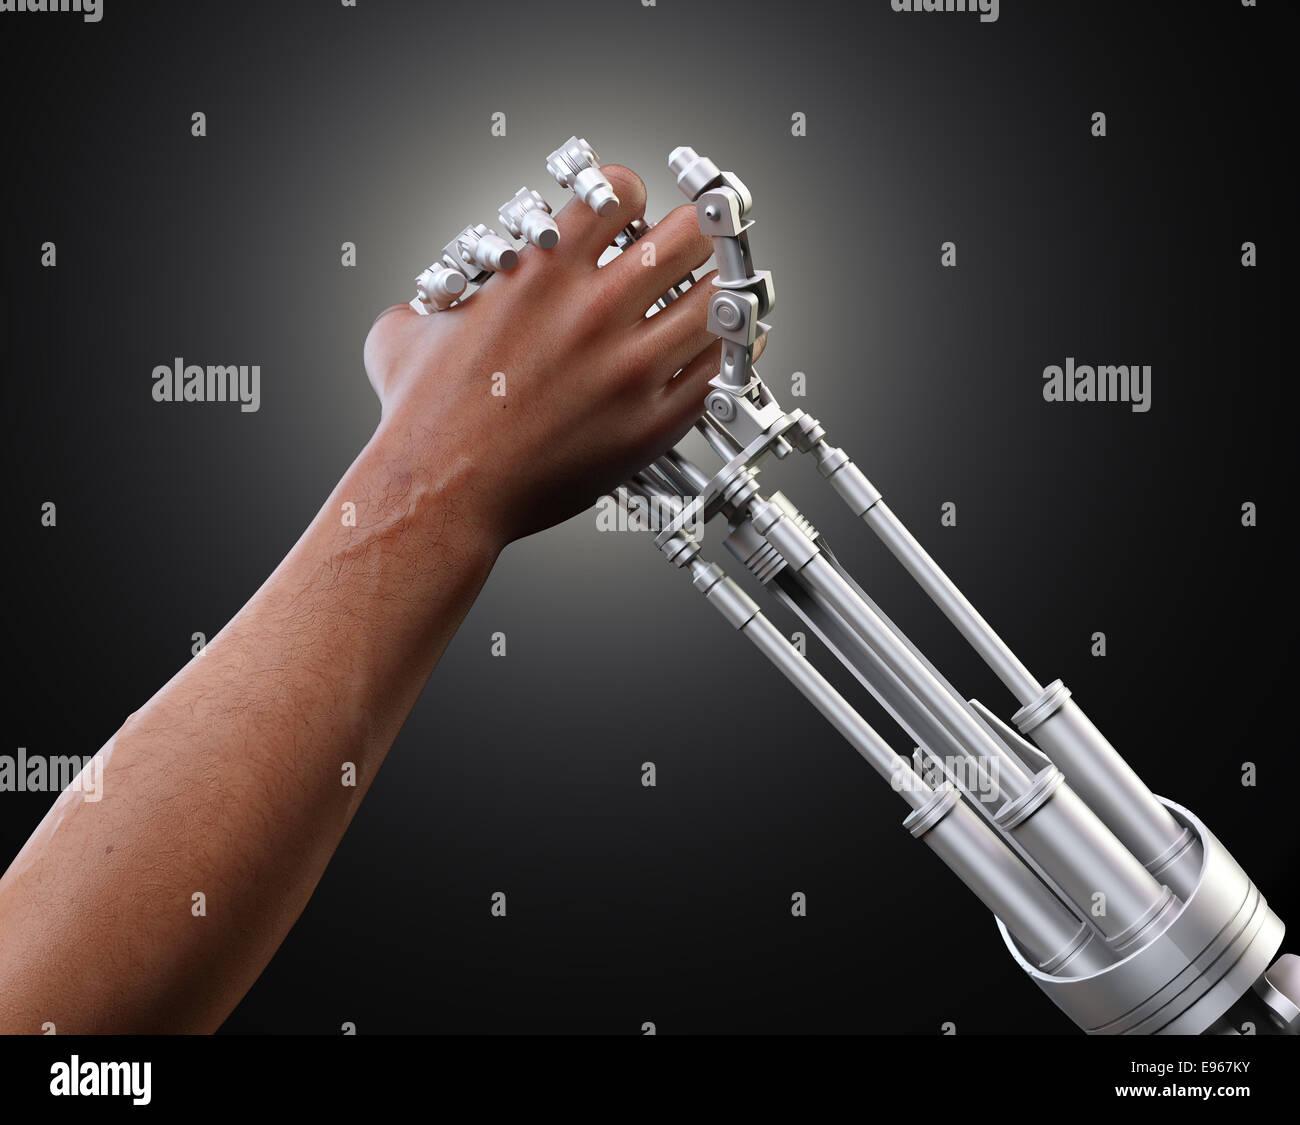 Mensch und Roboter halten Hände oder Armdrücken - Maschine Vs Mensch Stockbild